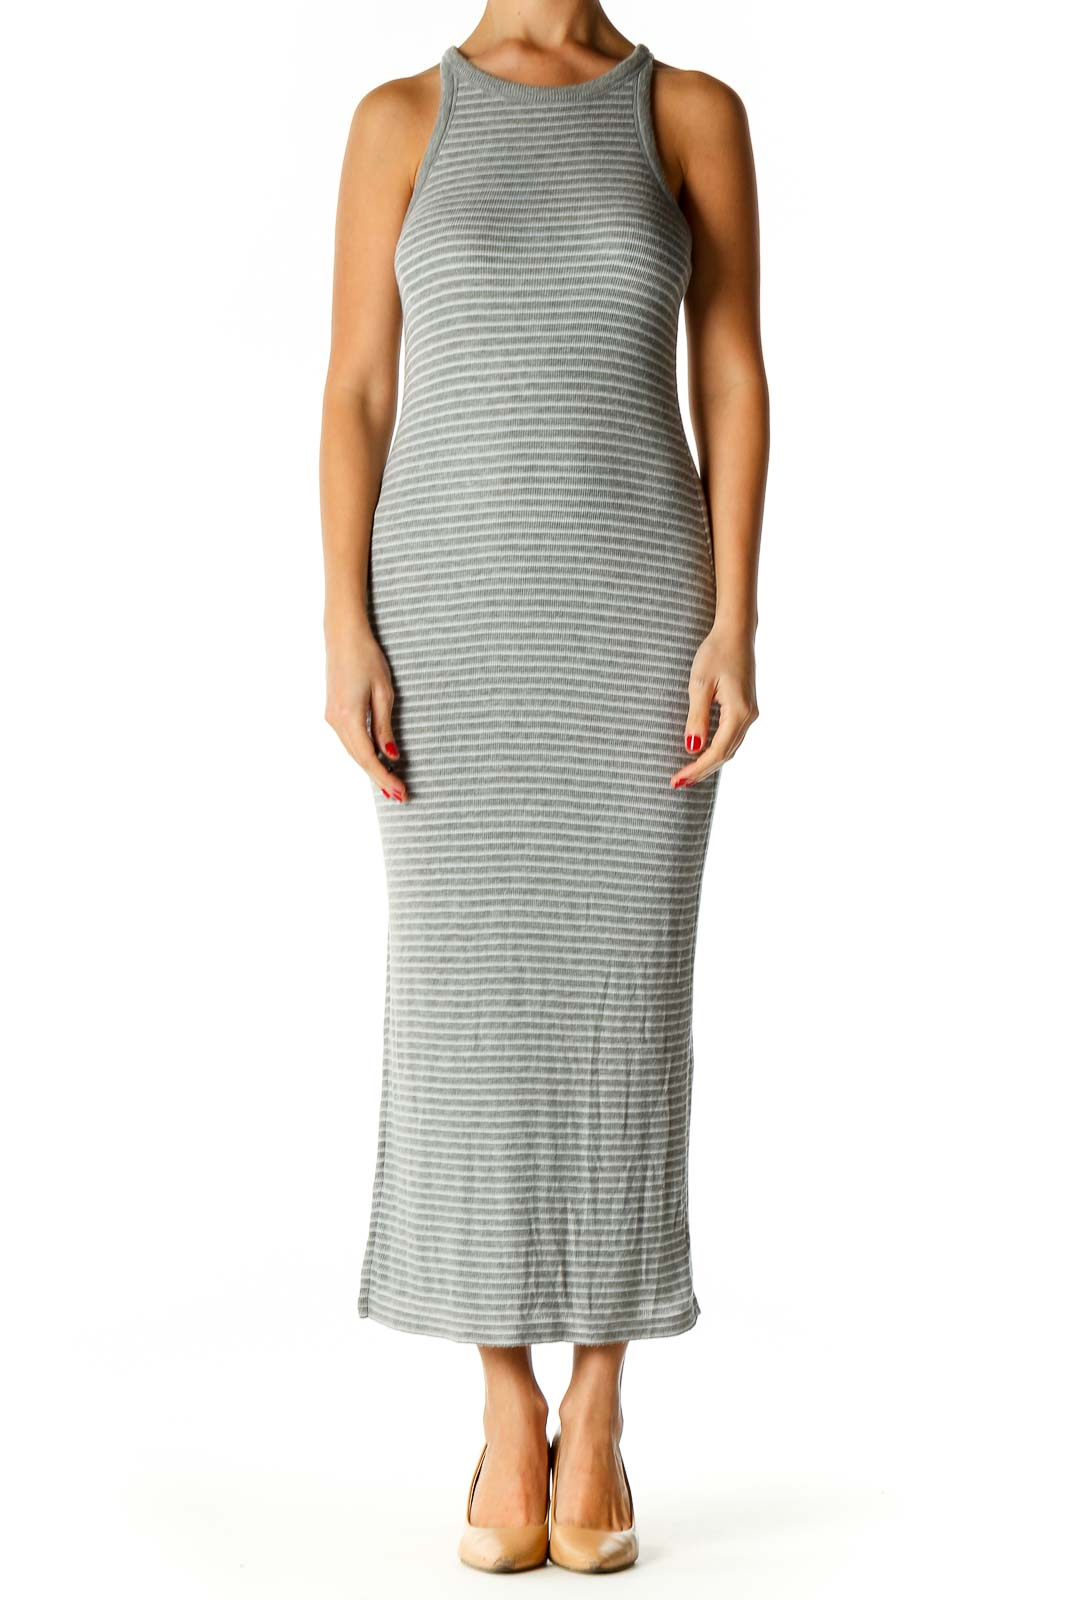 Green Textured Classic Column Dress Front